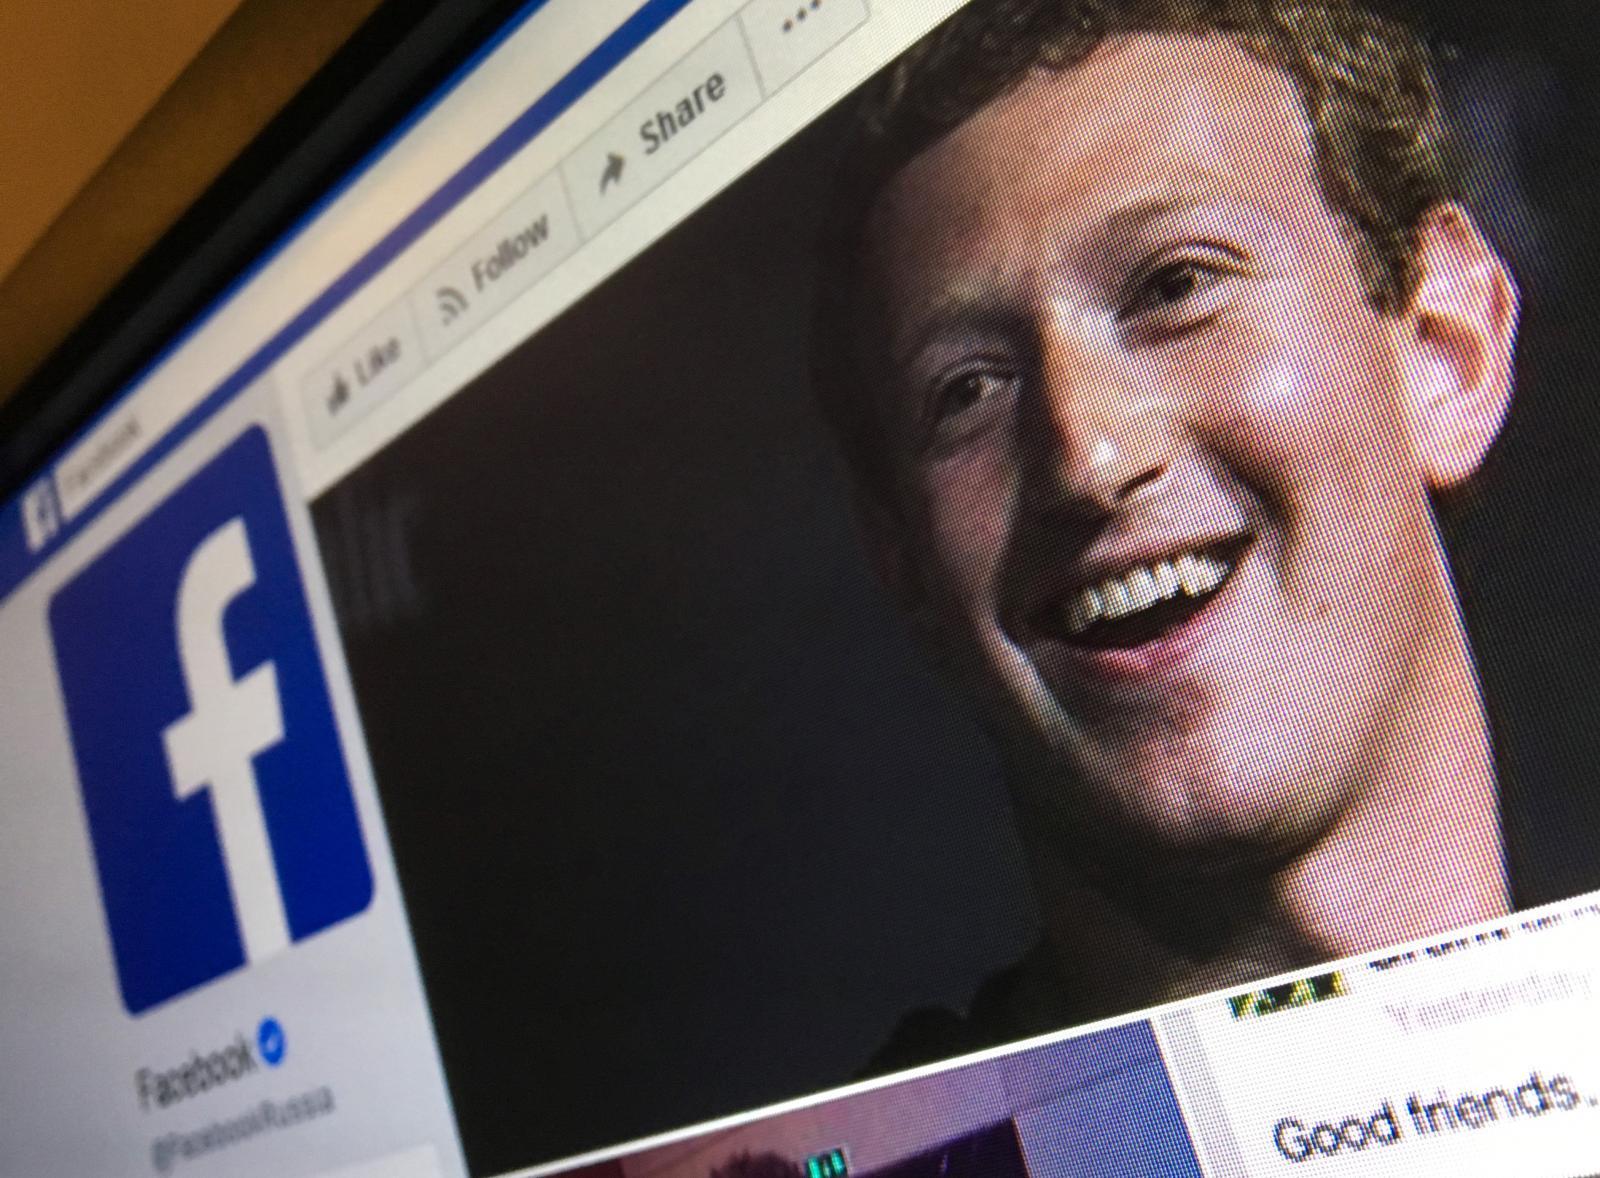 """หยุดทำ!! ถ้าไม่อยากถูกล้วงข้อมูล ผ่าน """"เฟซบุ๊ก"""""""